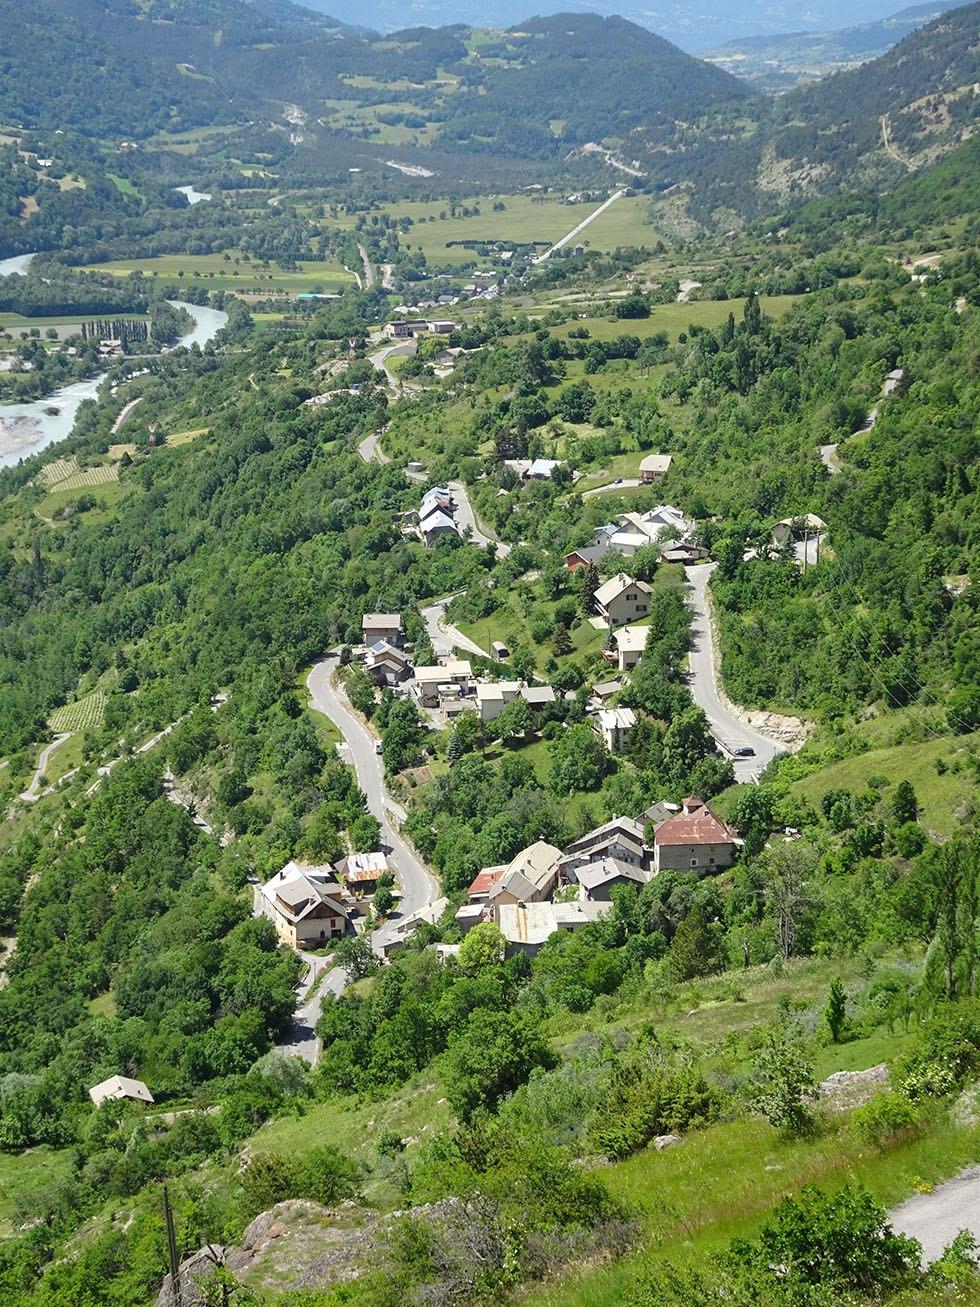 Devant les Moulinets hauts au premier plan, la zone urbanisée de Pré Toscan, la plus développée au bas de la commune